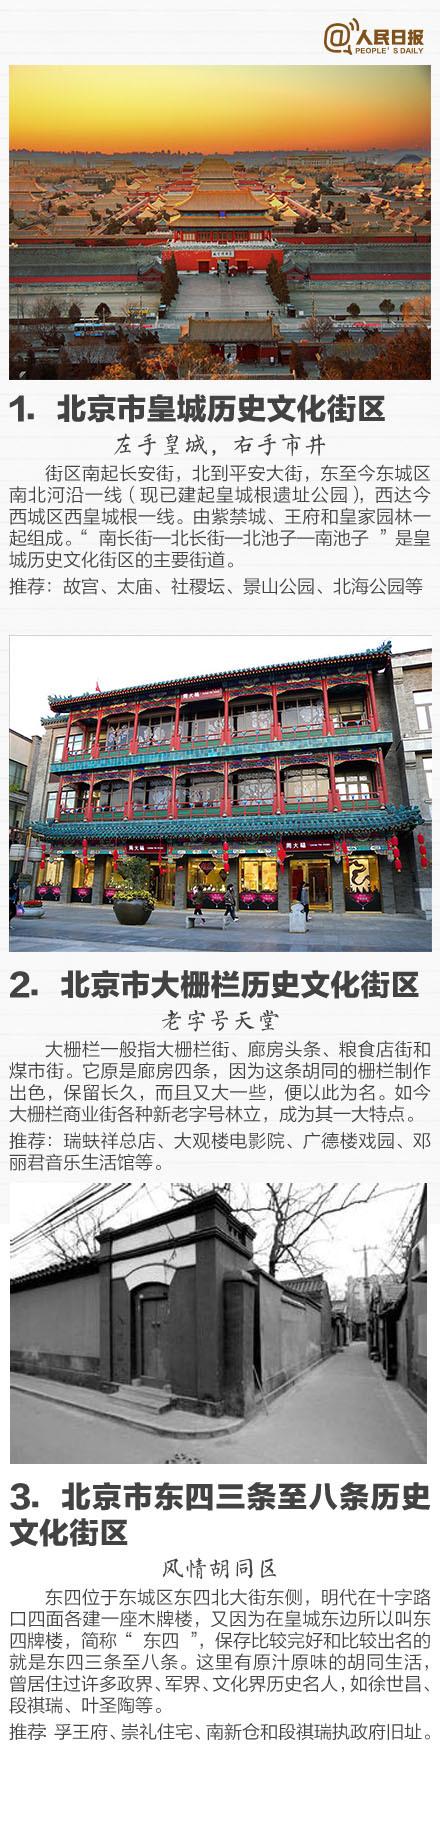 收藏!首批30个中国历史文化街区名单